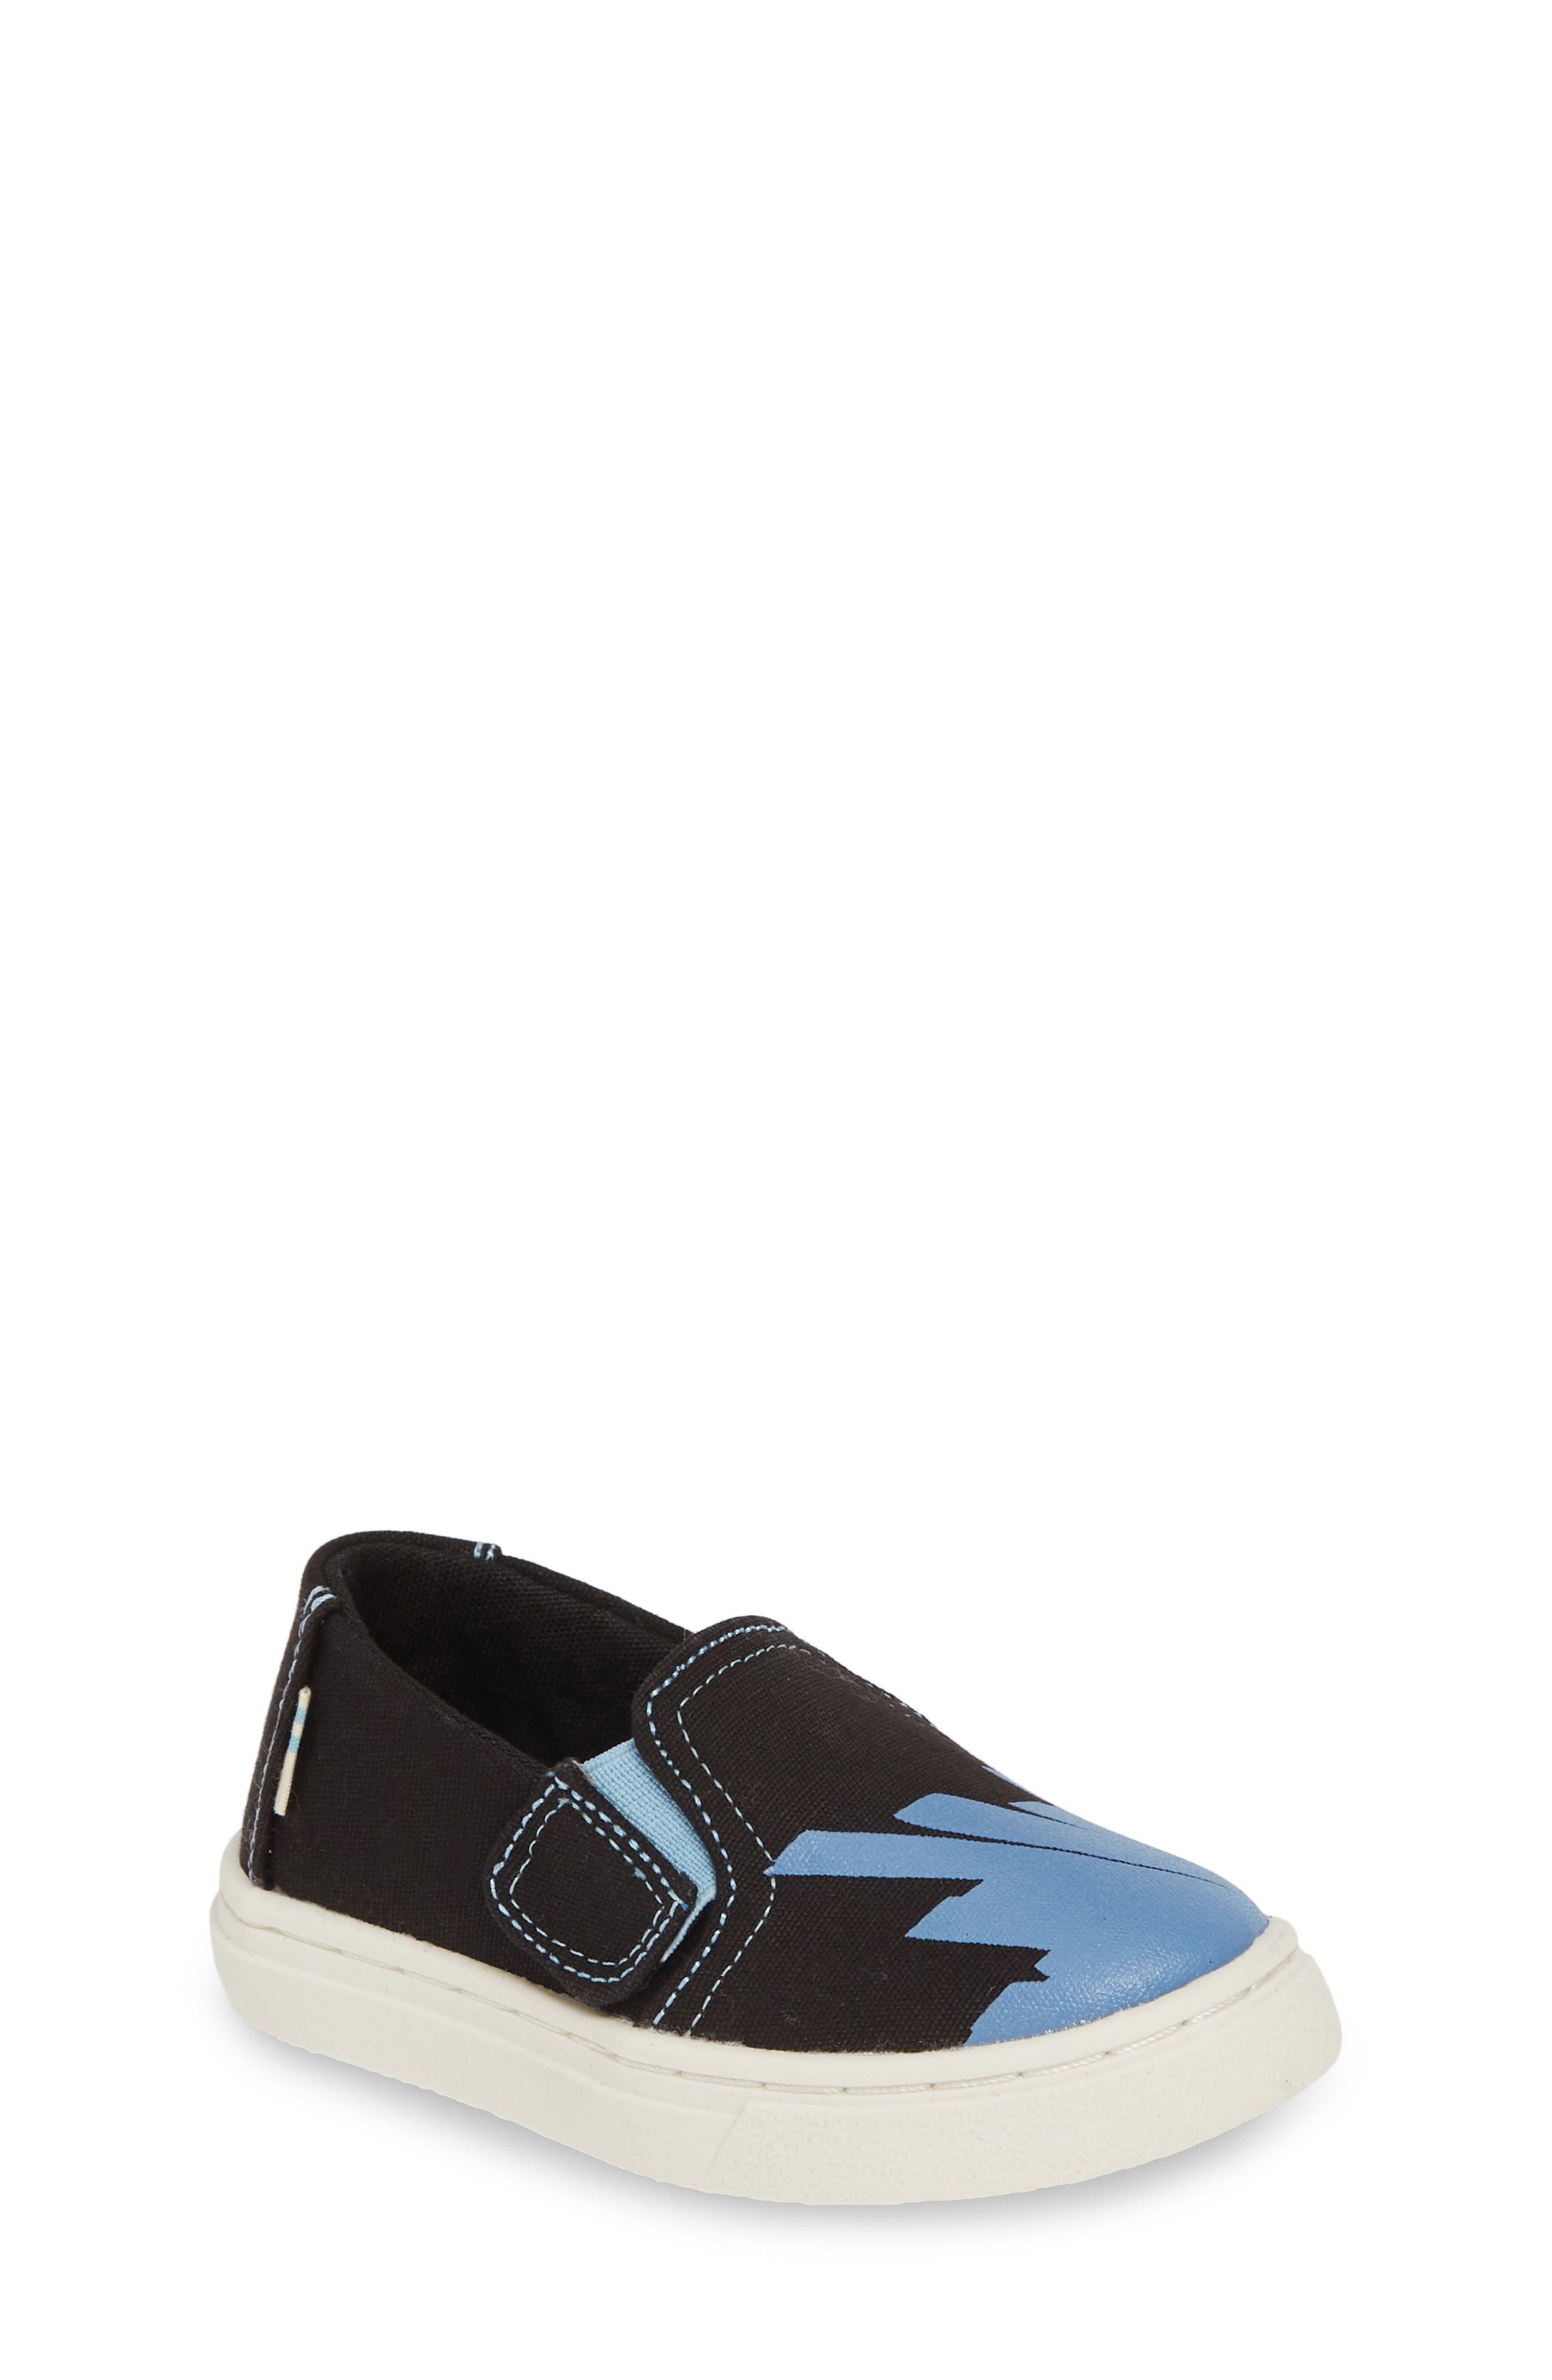 Luca Slip-On Sneaker, Main, color, BLACK